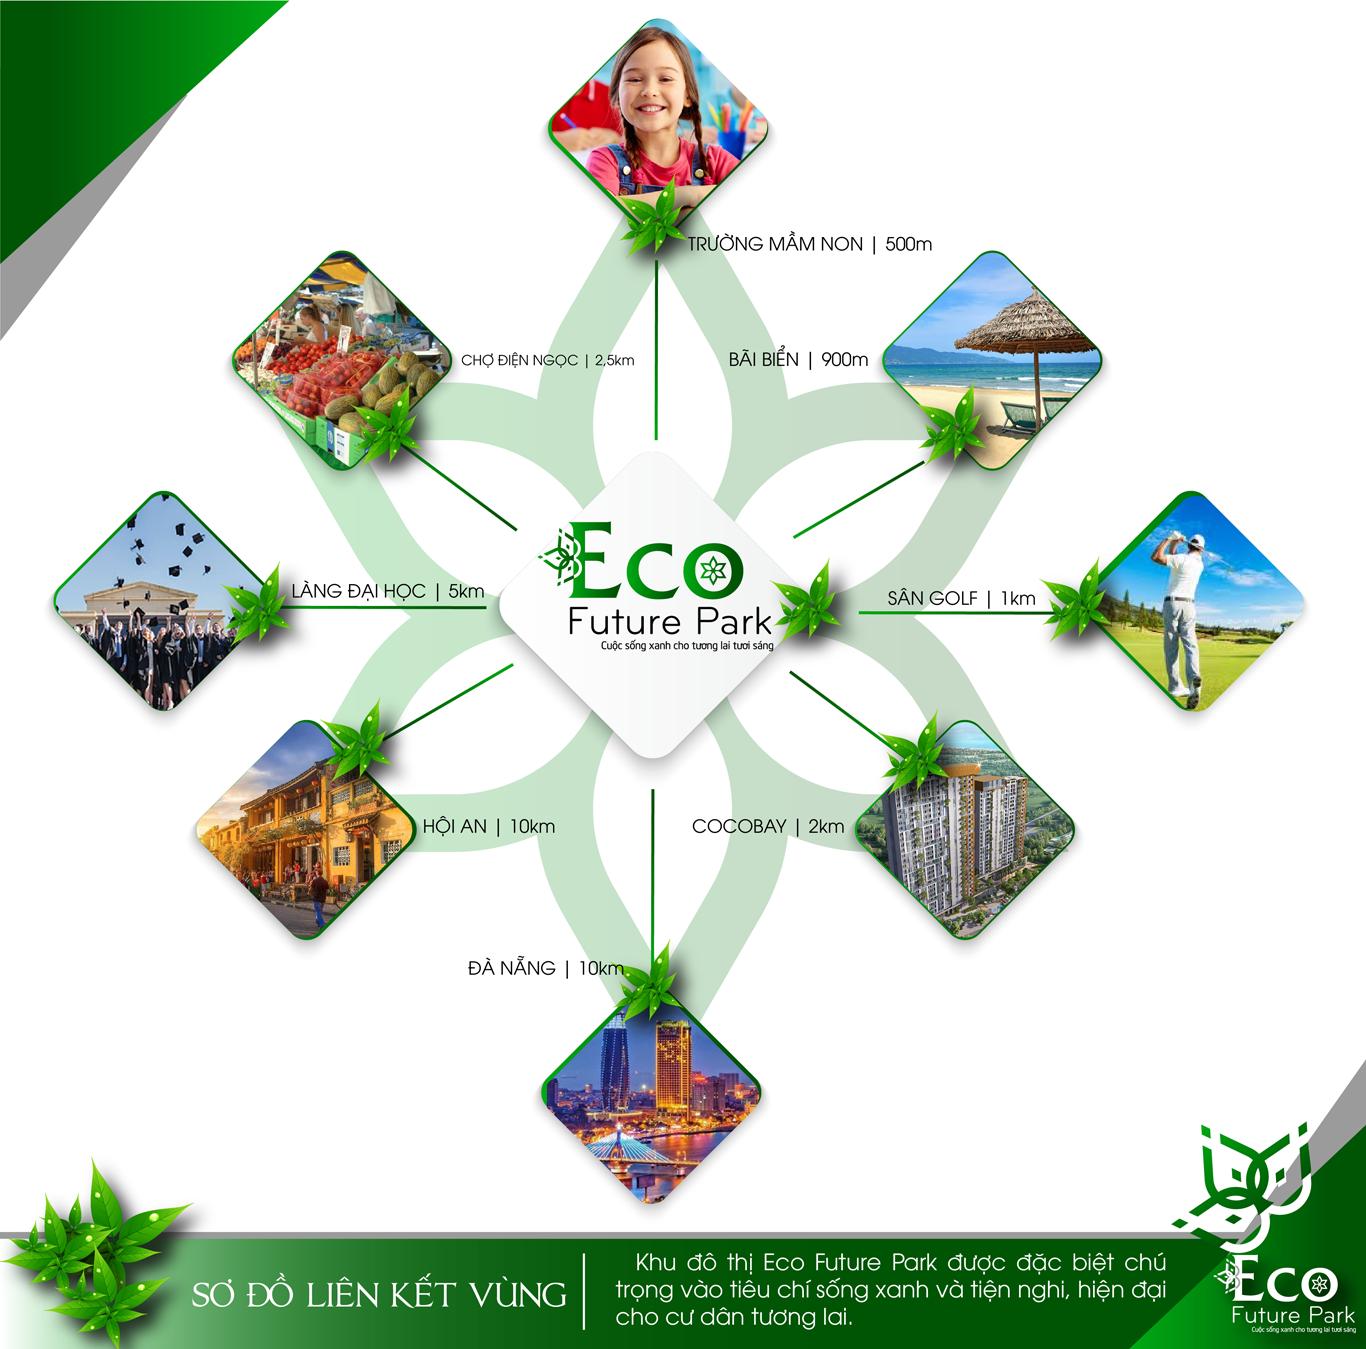 Sơ đồ liên kết vùng dự án Eco Future Park